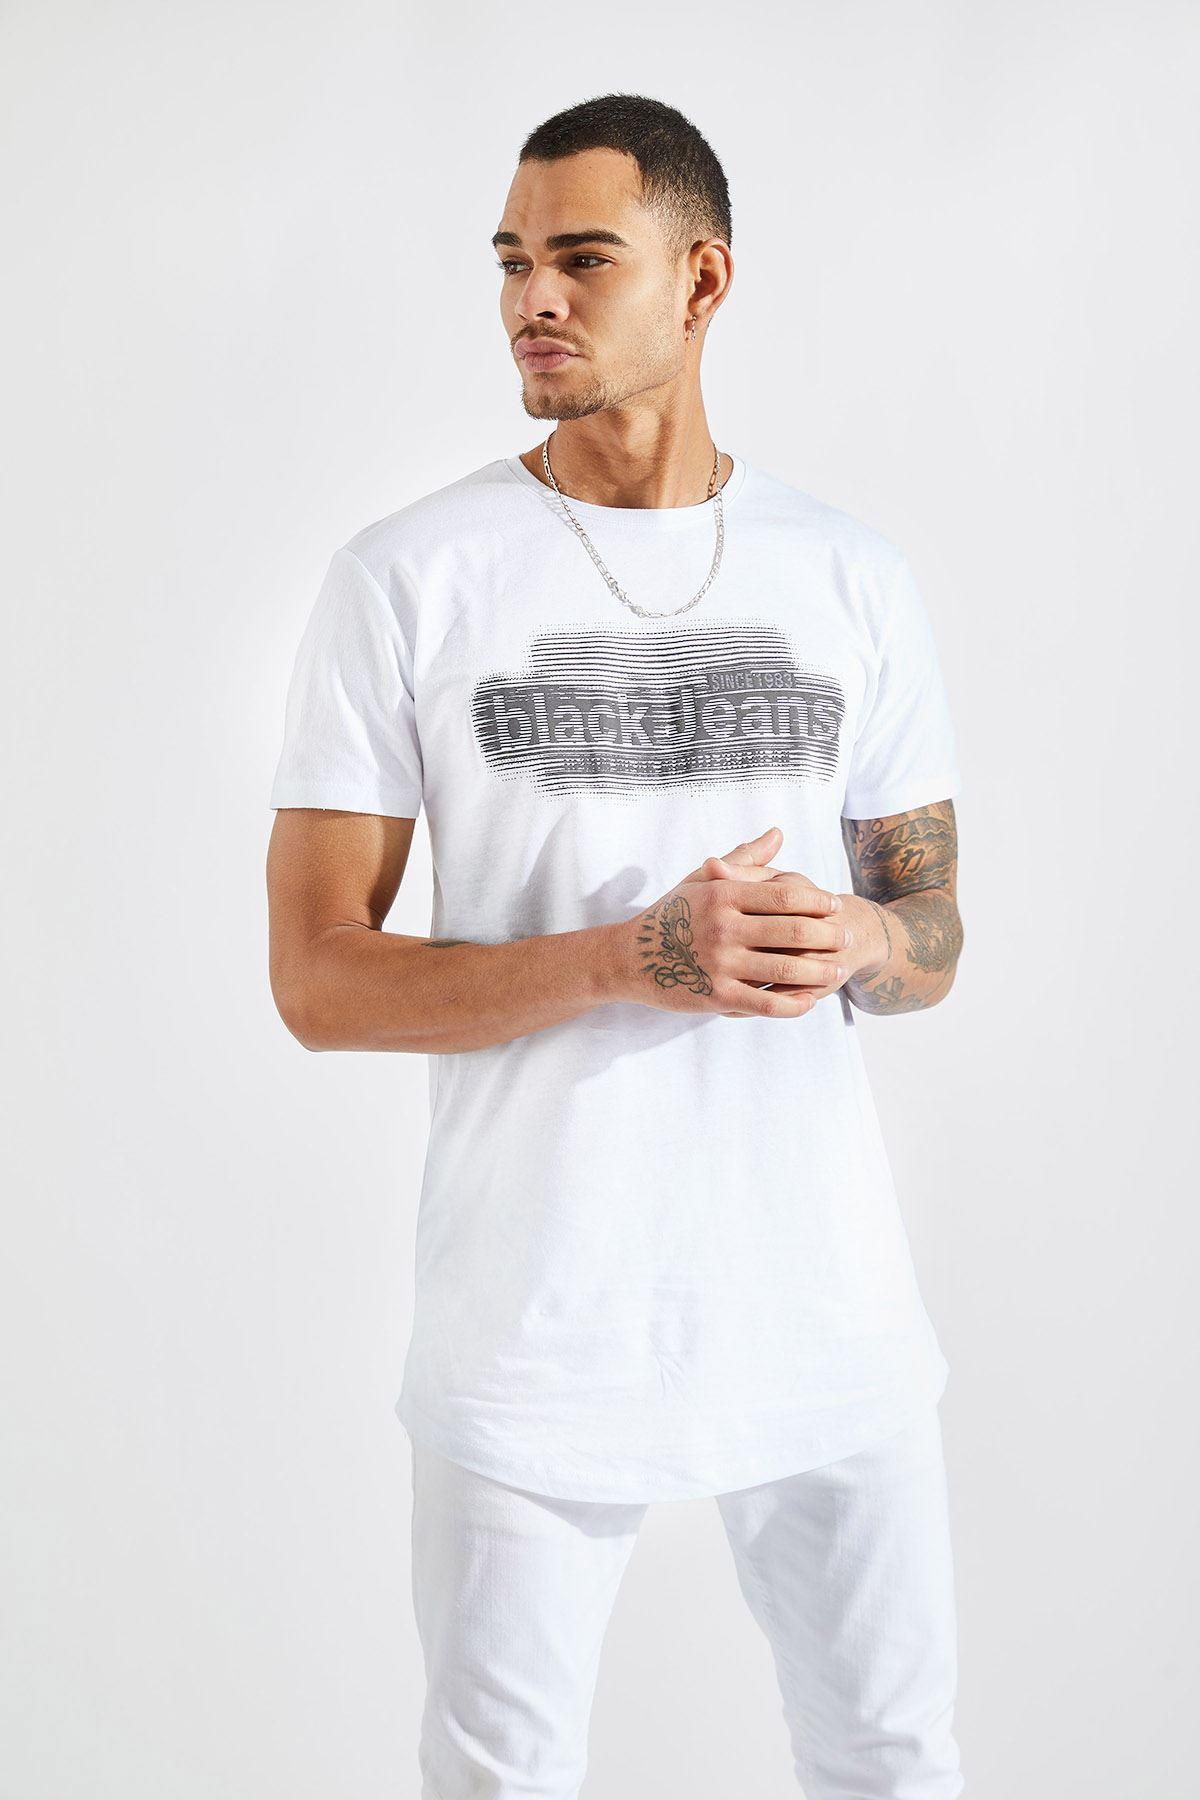 Erkek O Yaka Black Jeans Baskı Beyaz Tişört